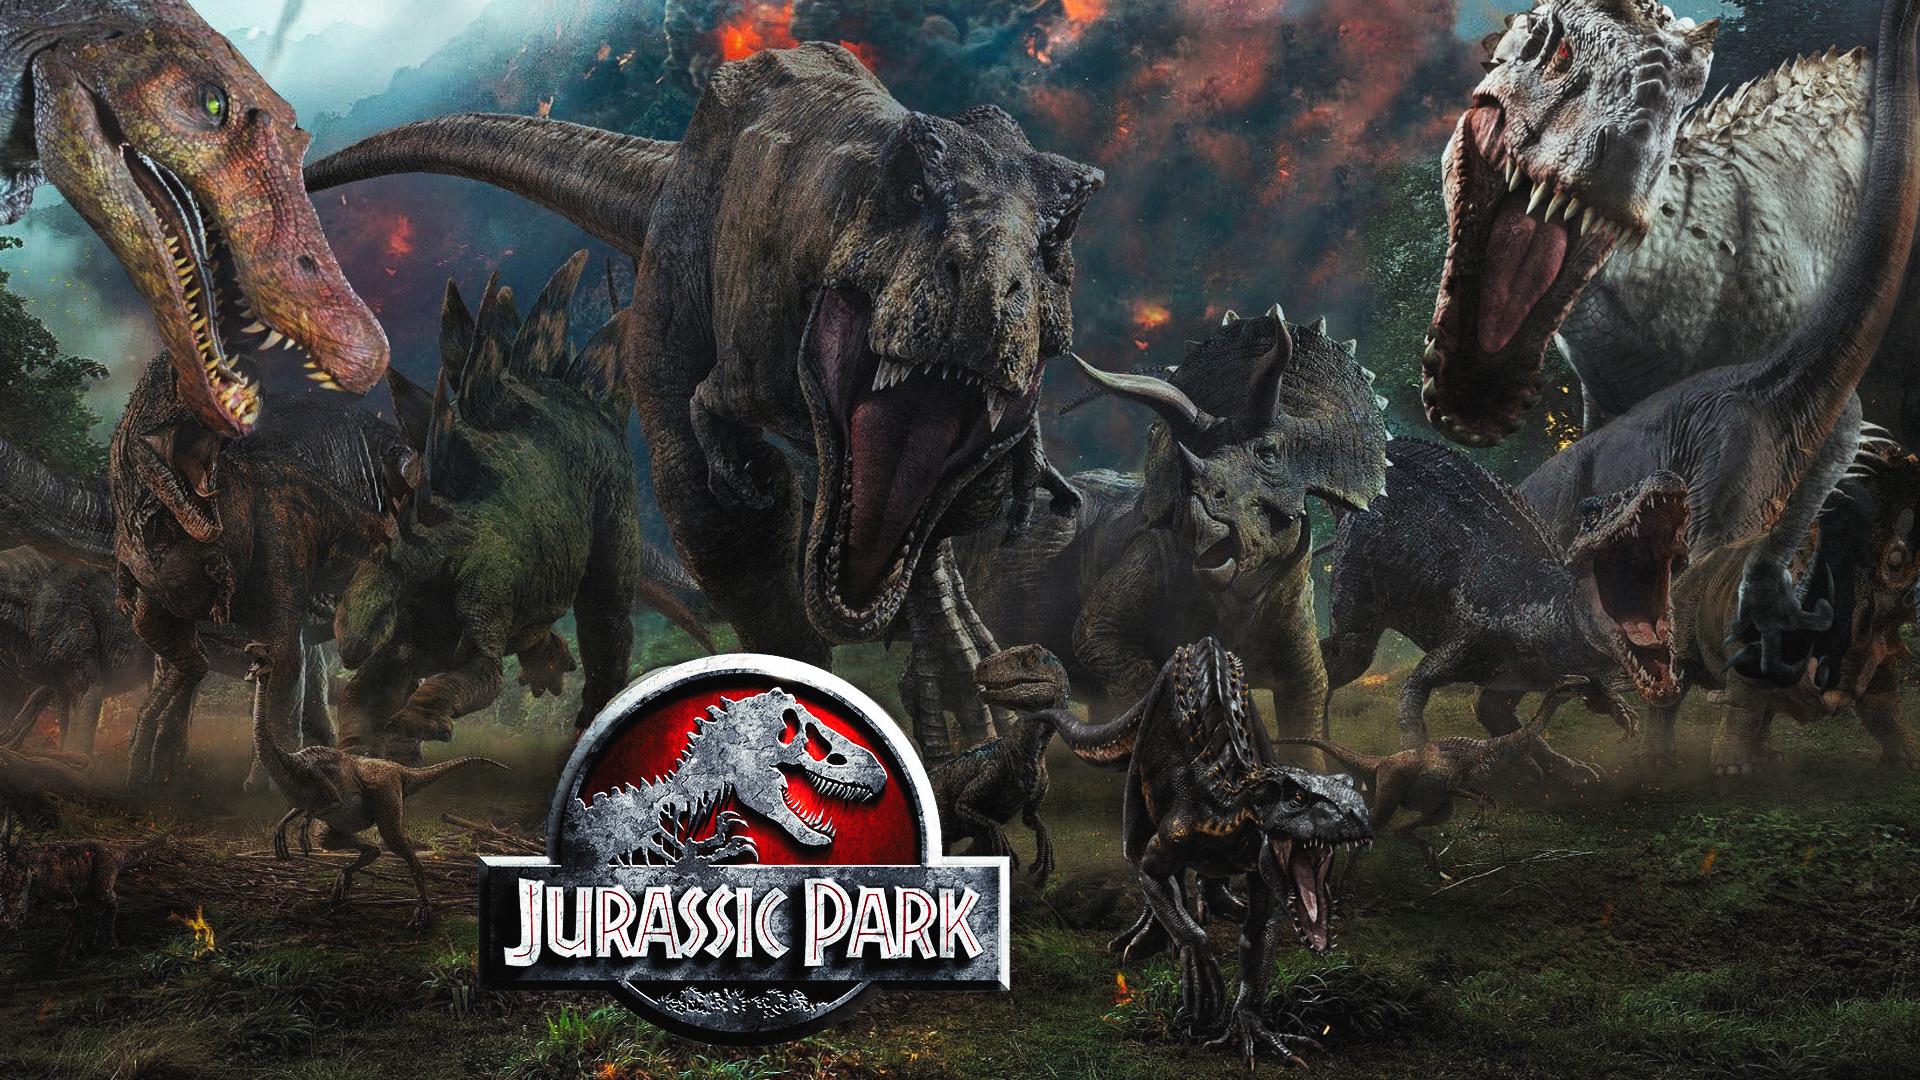 Jurassic park il bestiario della saga u monster movie